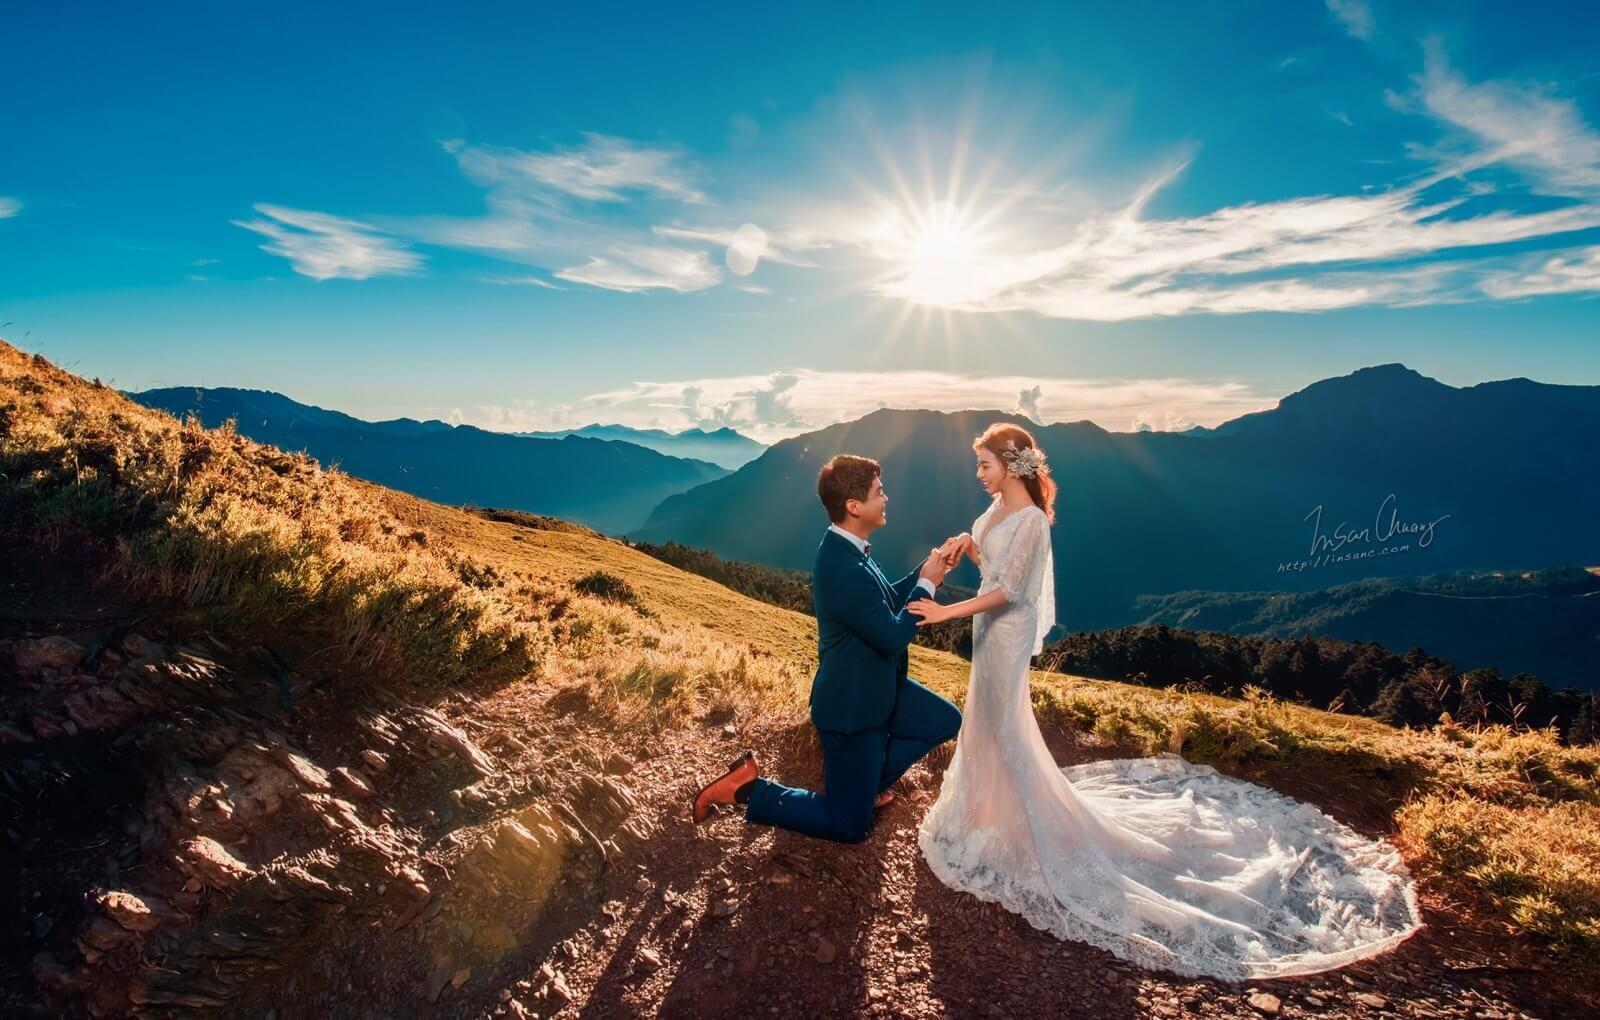 婚攝英聖_高山婚紗求婚石門山高海拔日出